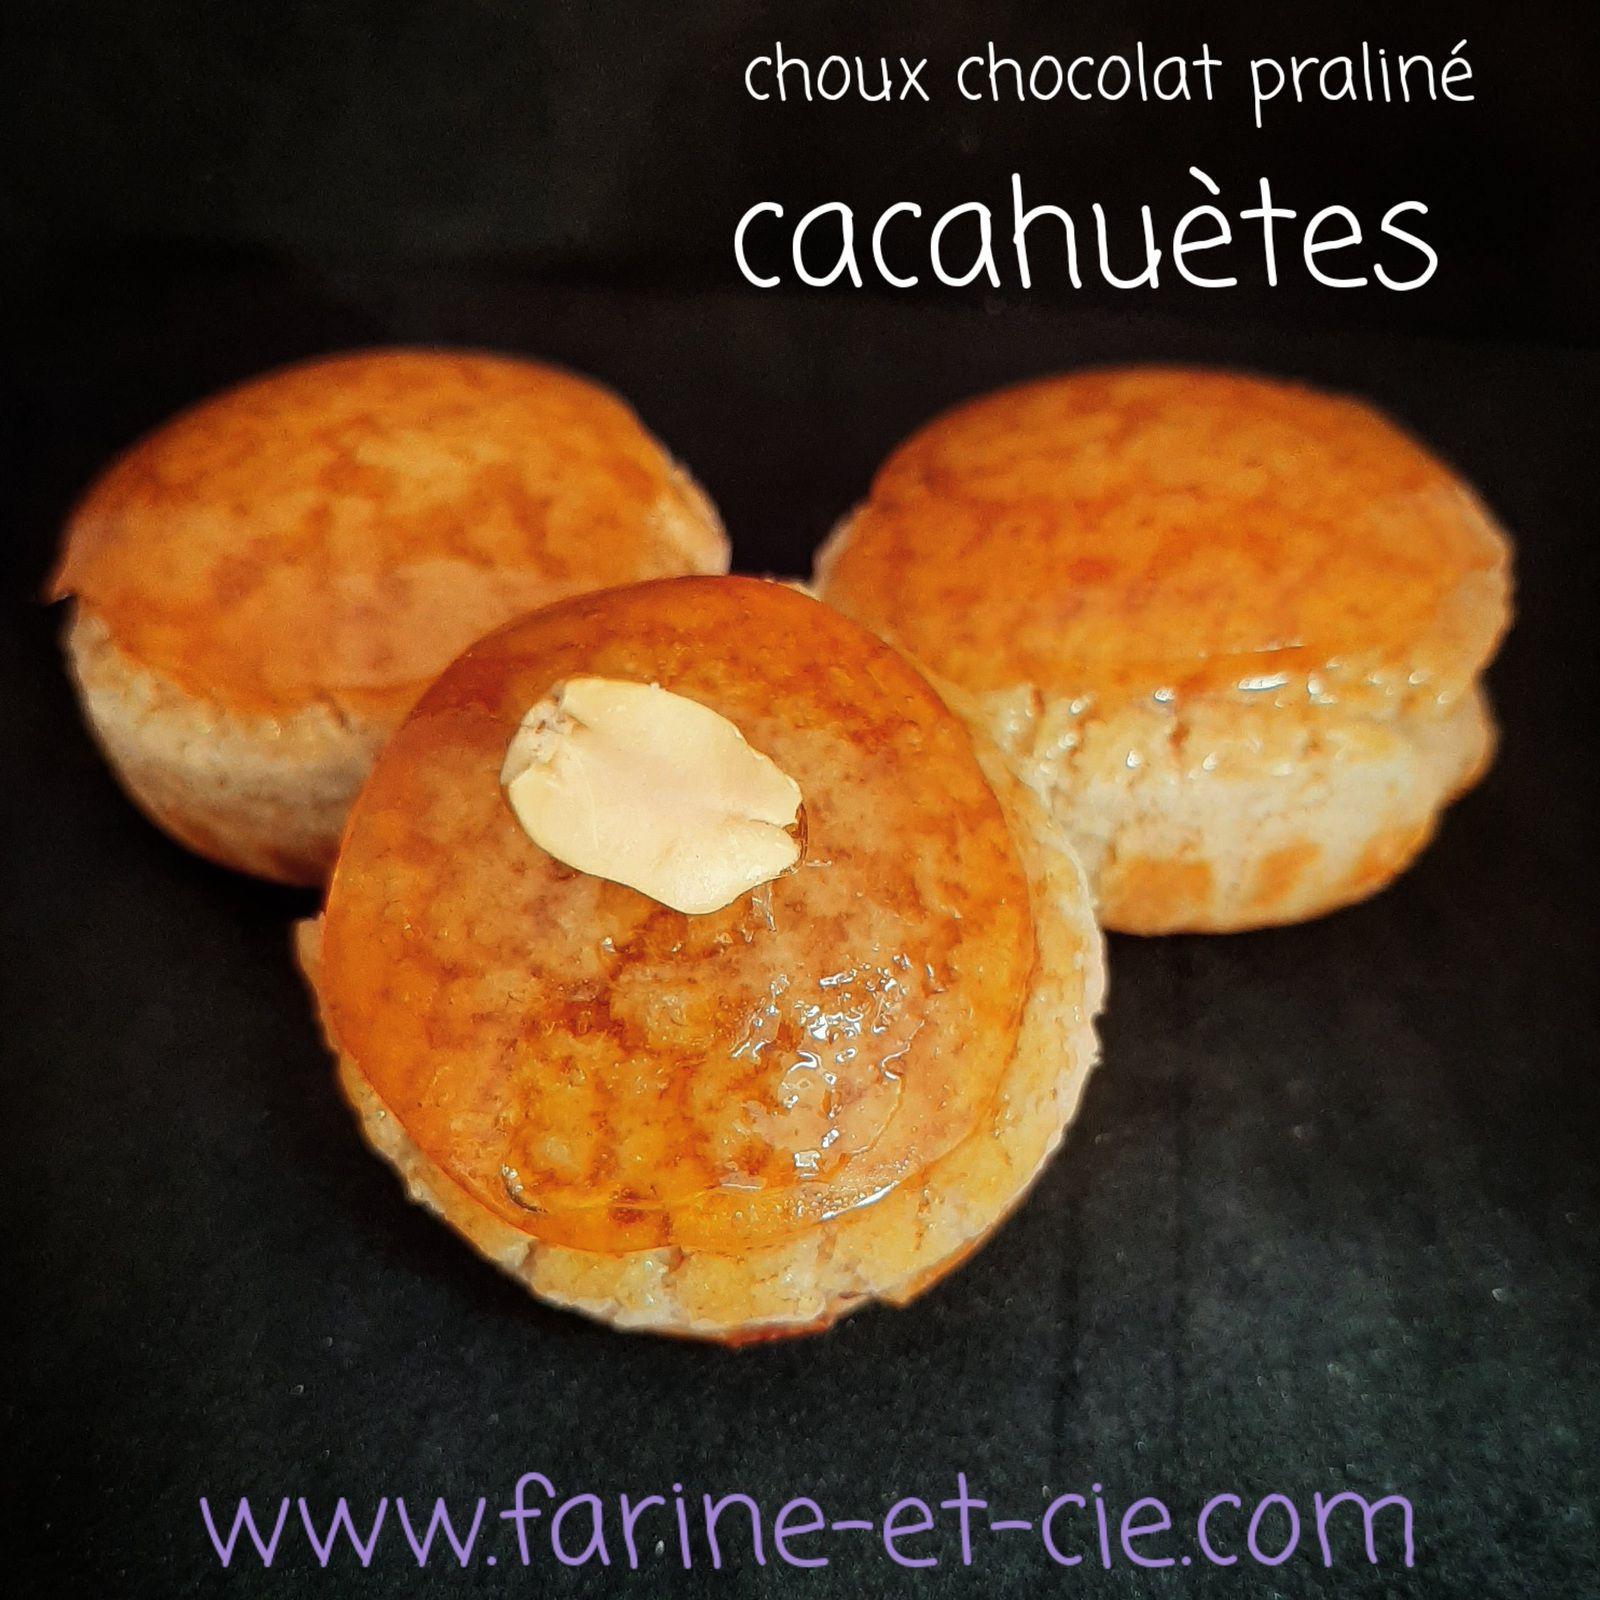 Choux au chocolat et praliné cacahuètes